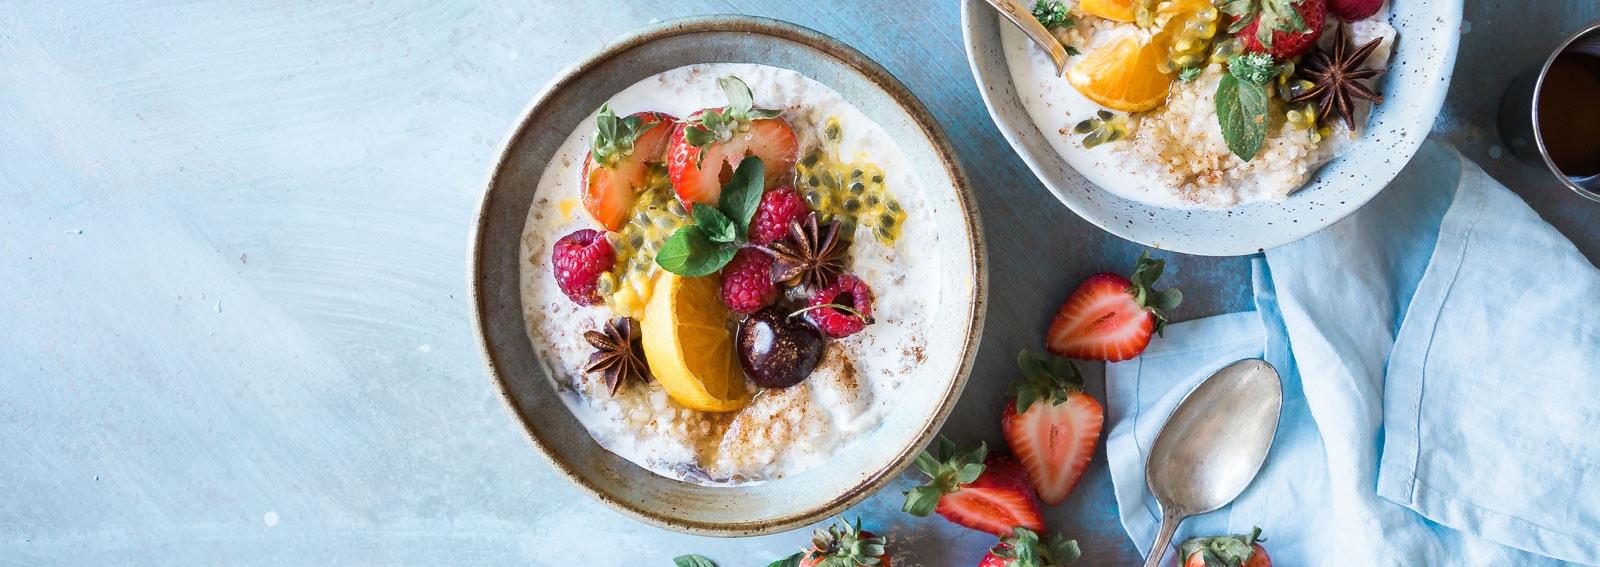 visore-menu-colazioneDESK